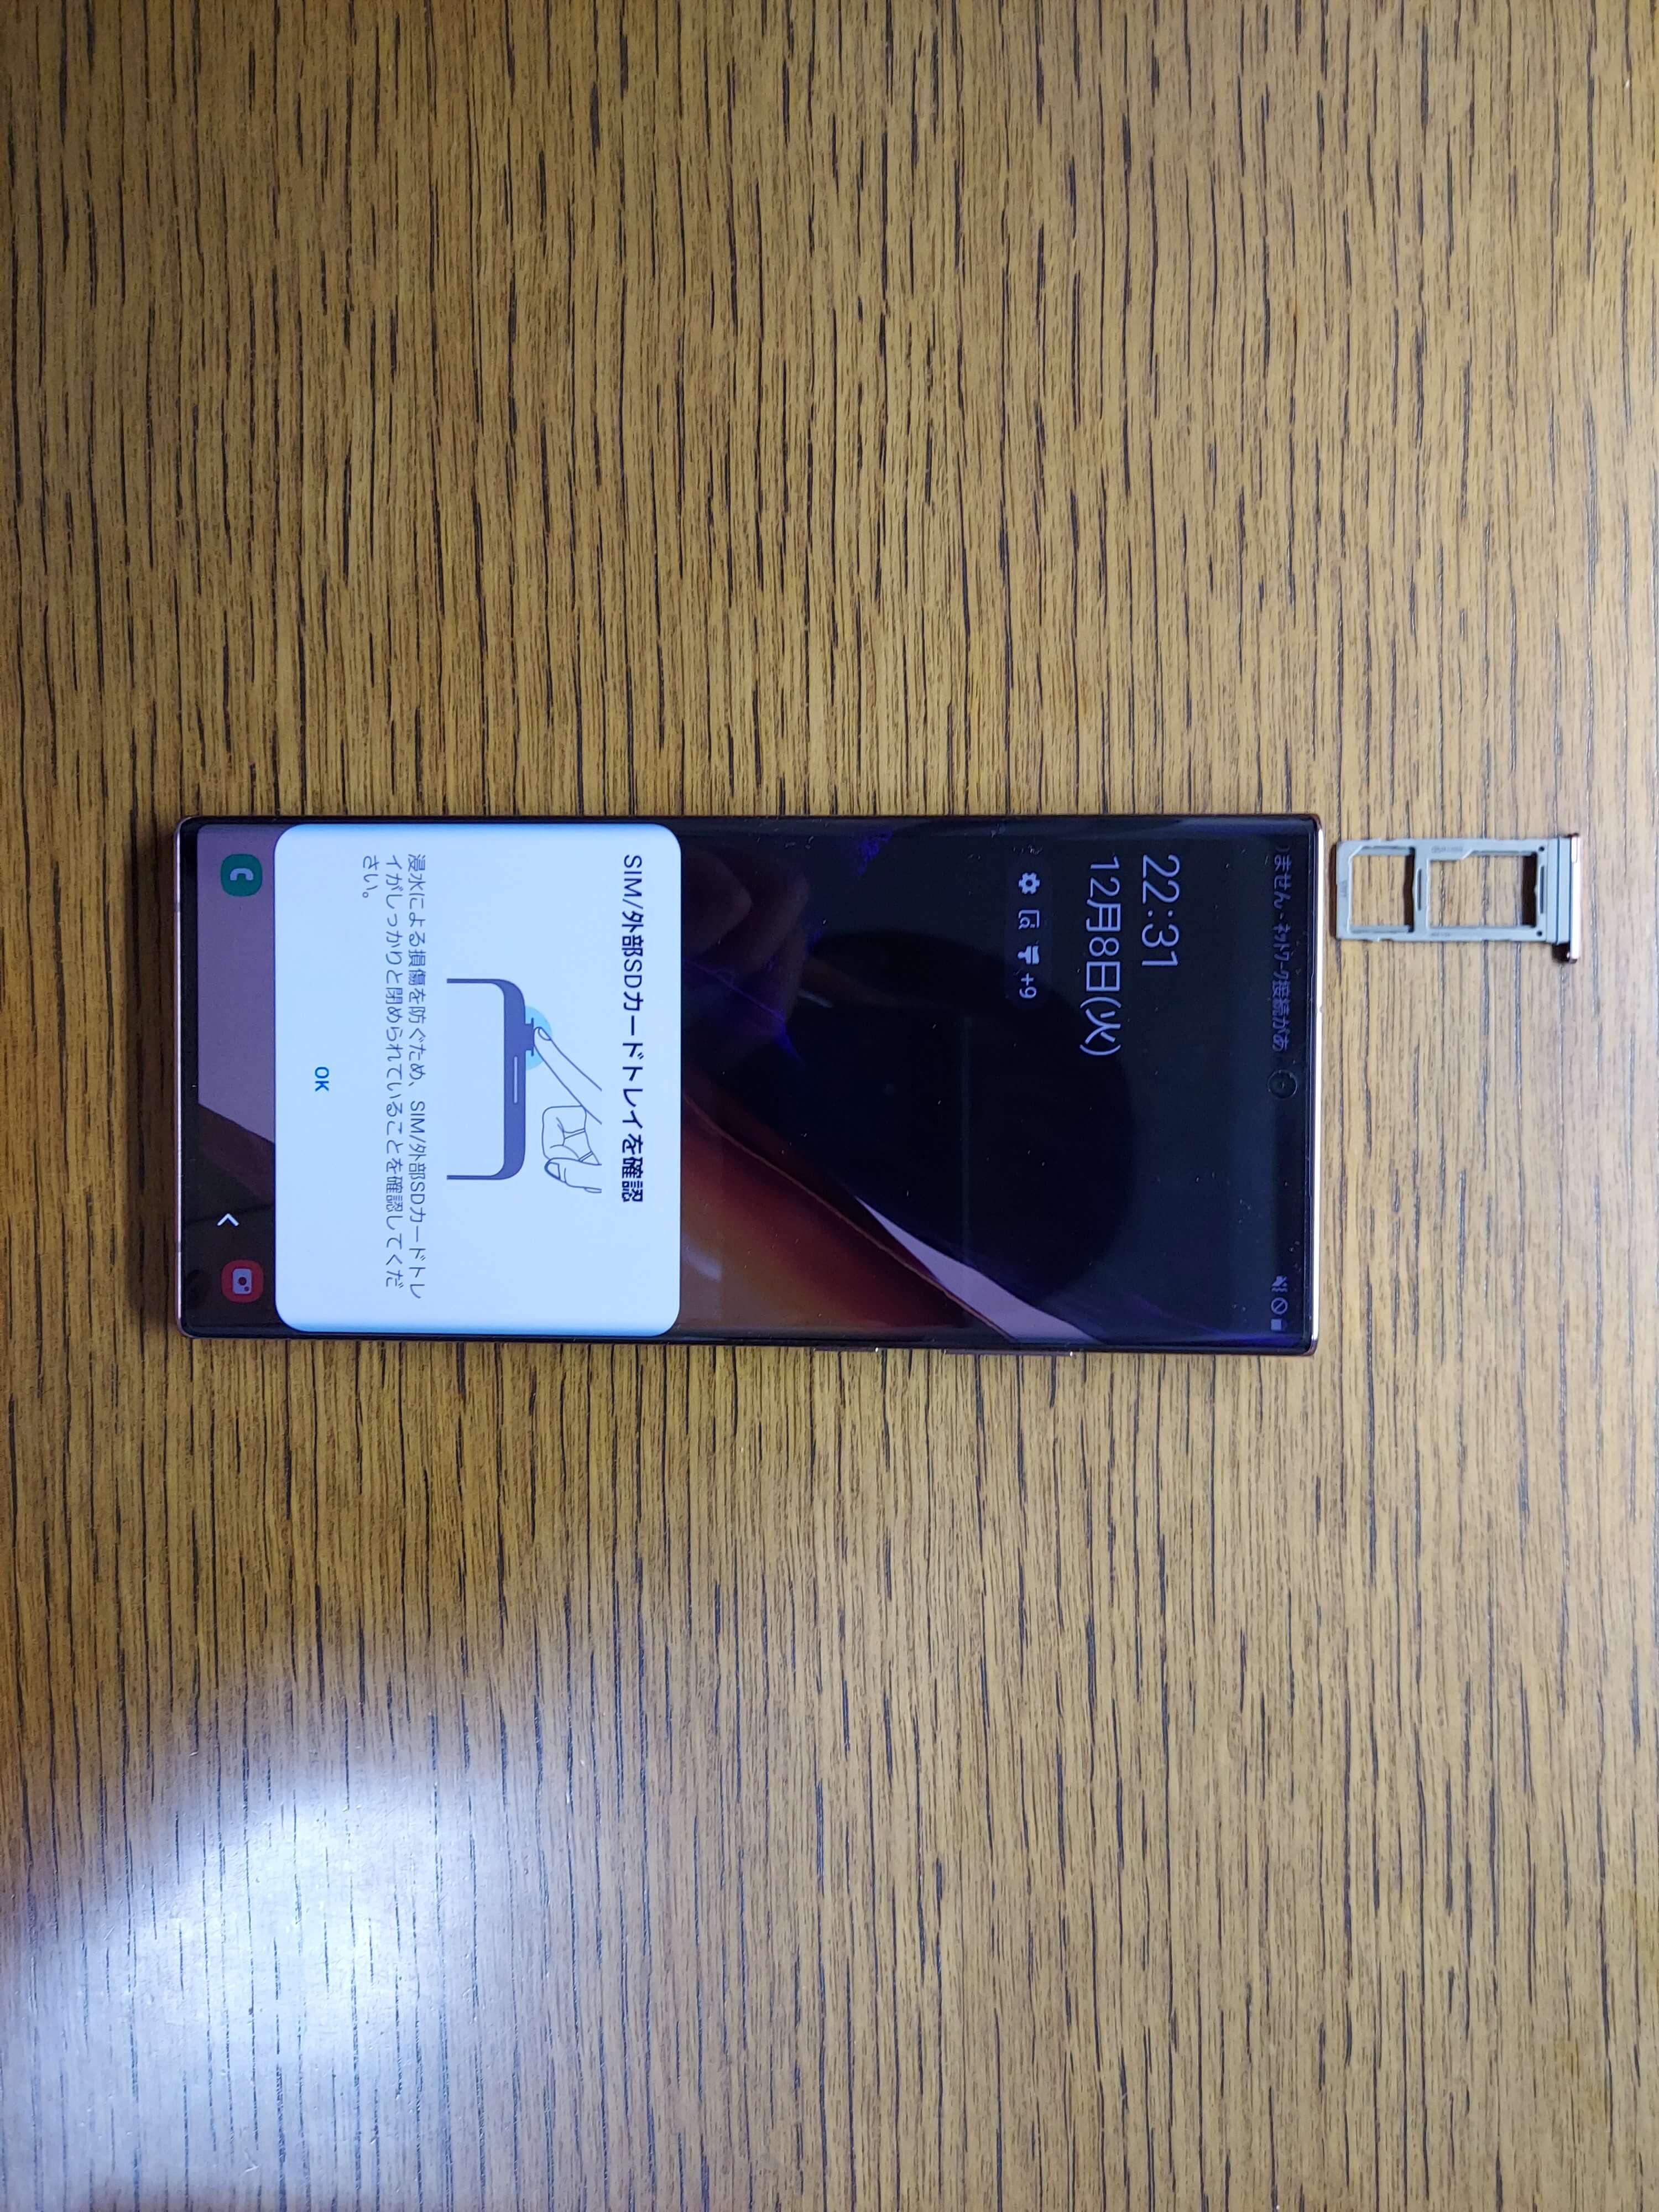 SIMスロットは、付属のSIMピンで開閉できます。